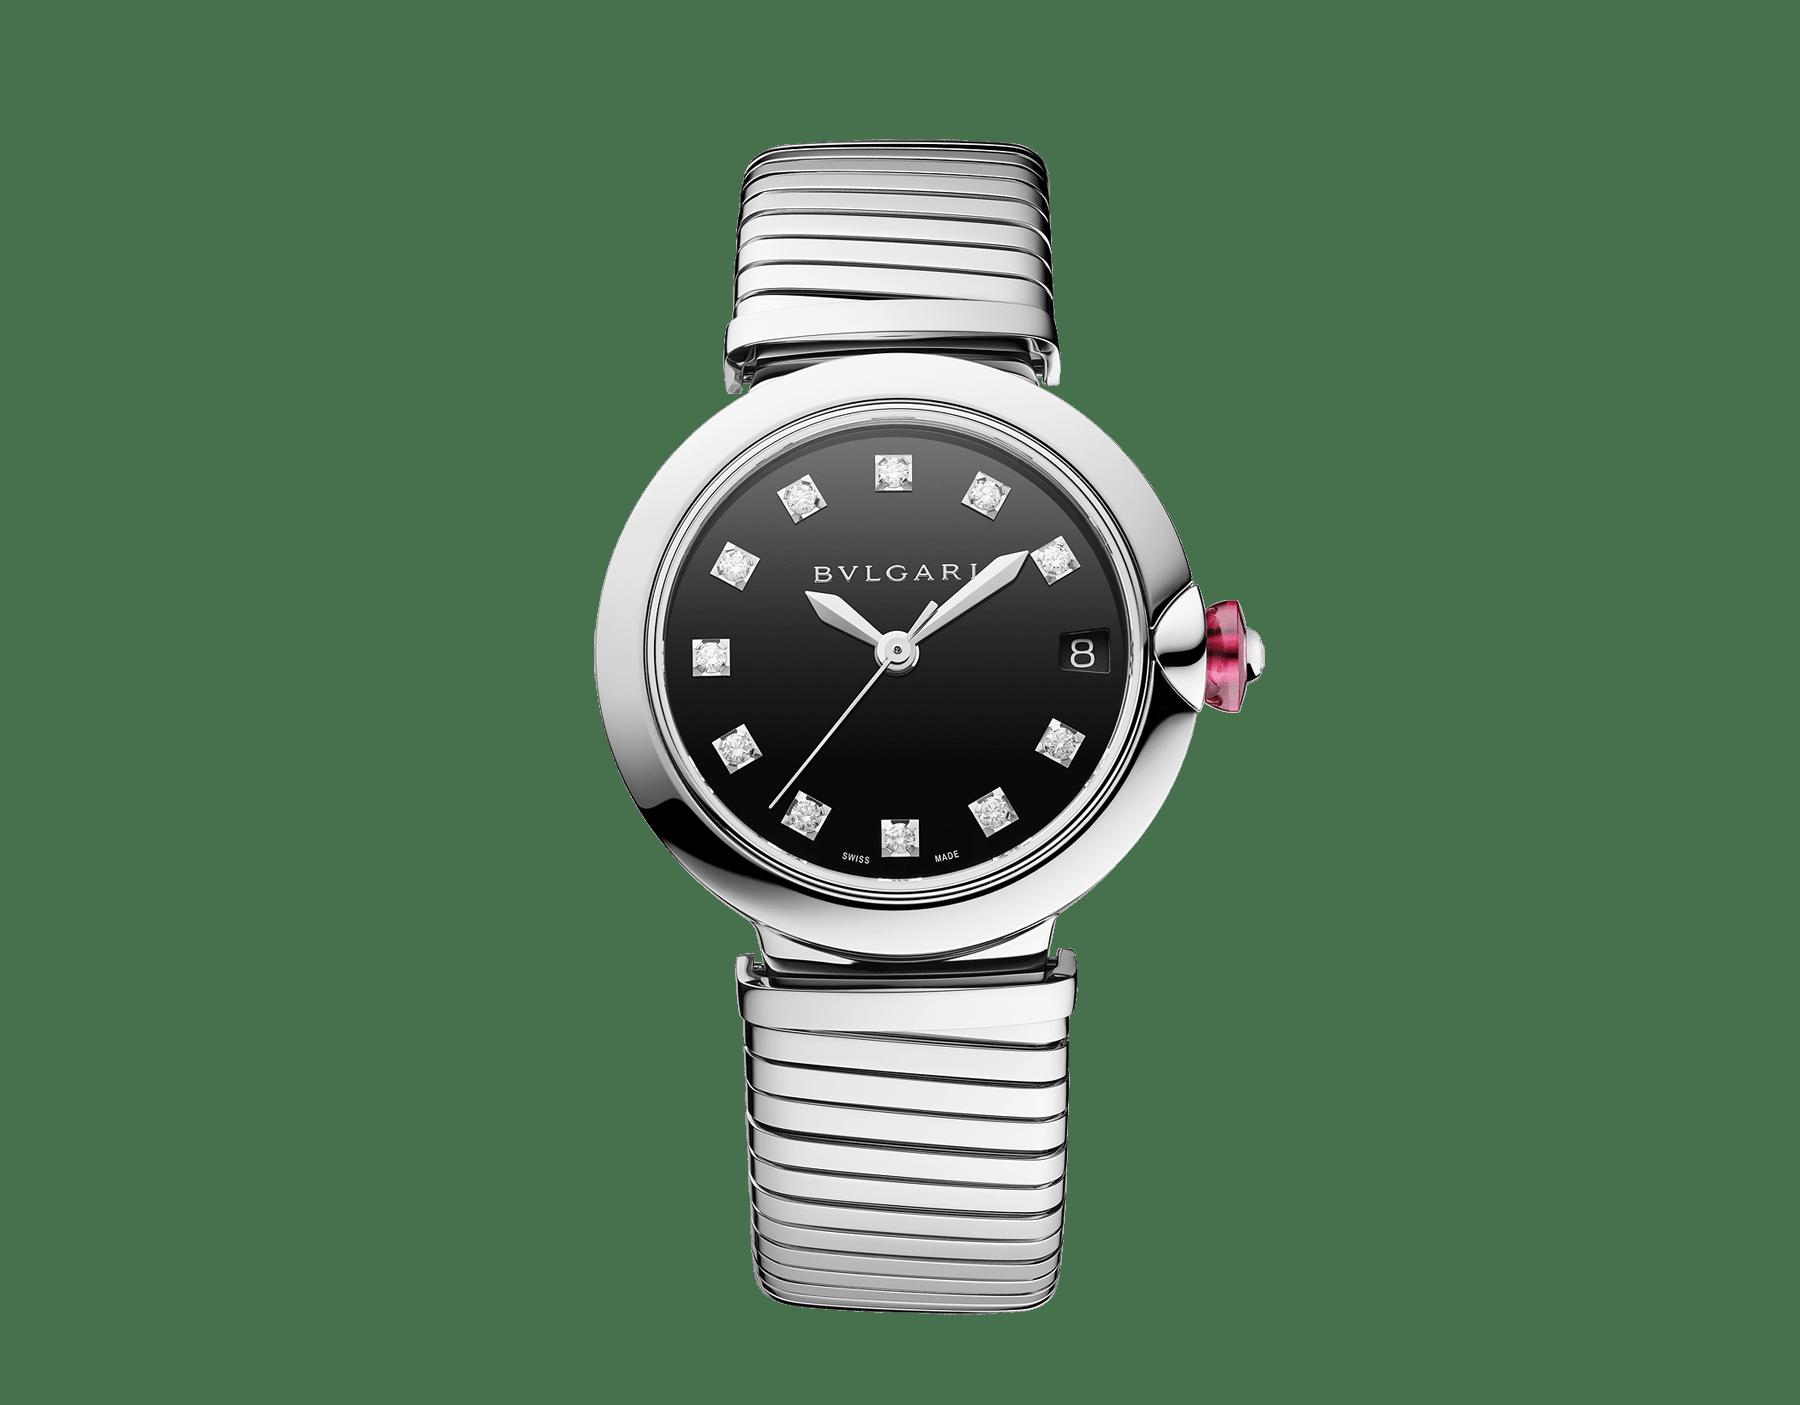 Montre LVCEA Tubogas avec boîtier et bracelet Tubogas en acier inoxydable, cadran laqué noir et index sertis de diamants 102953 image 1